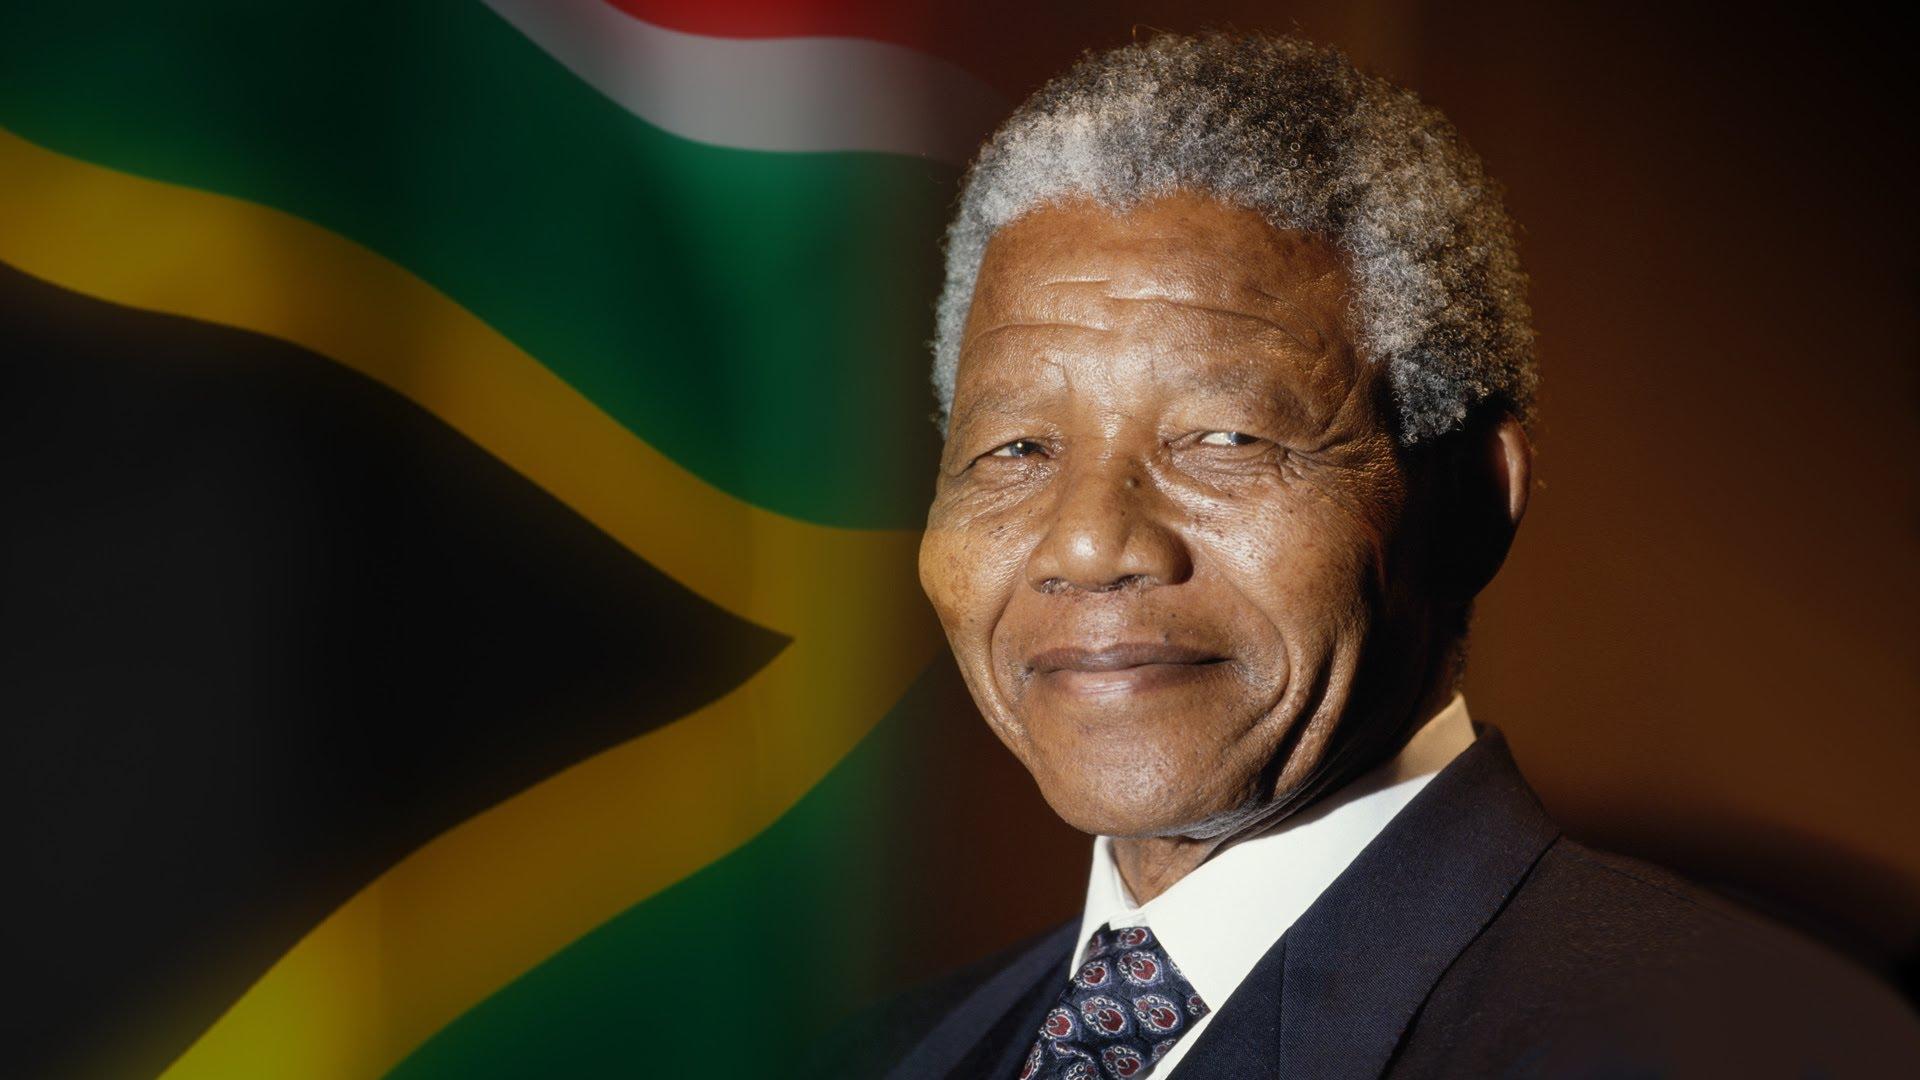 Otimismo - Mandela